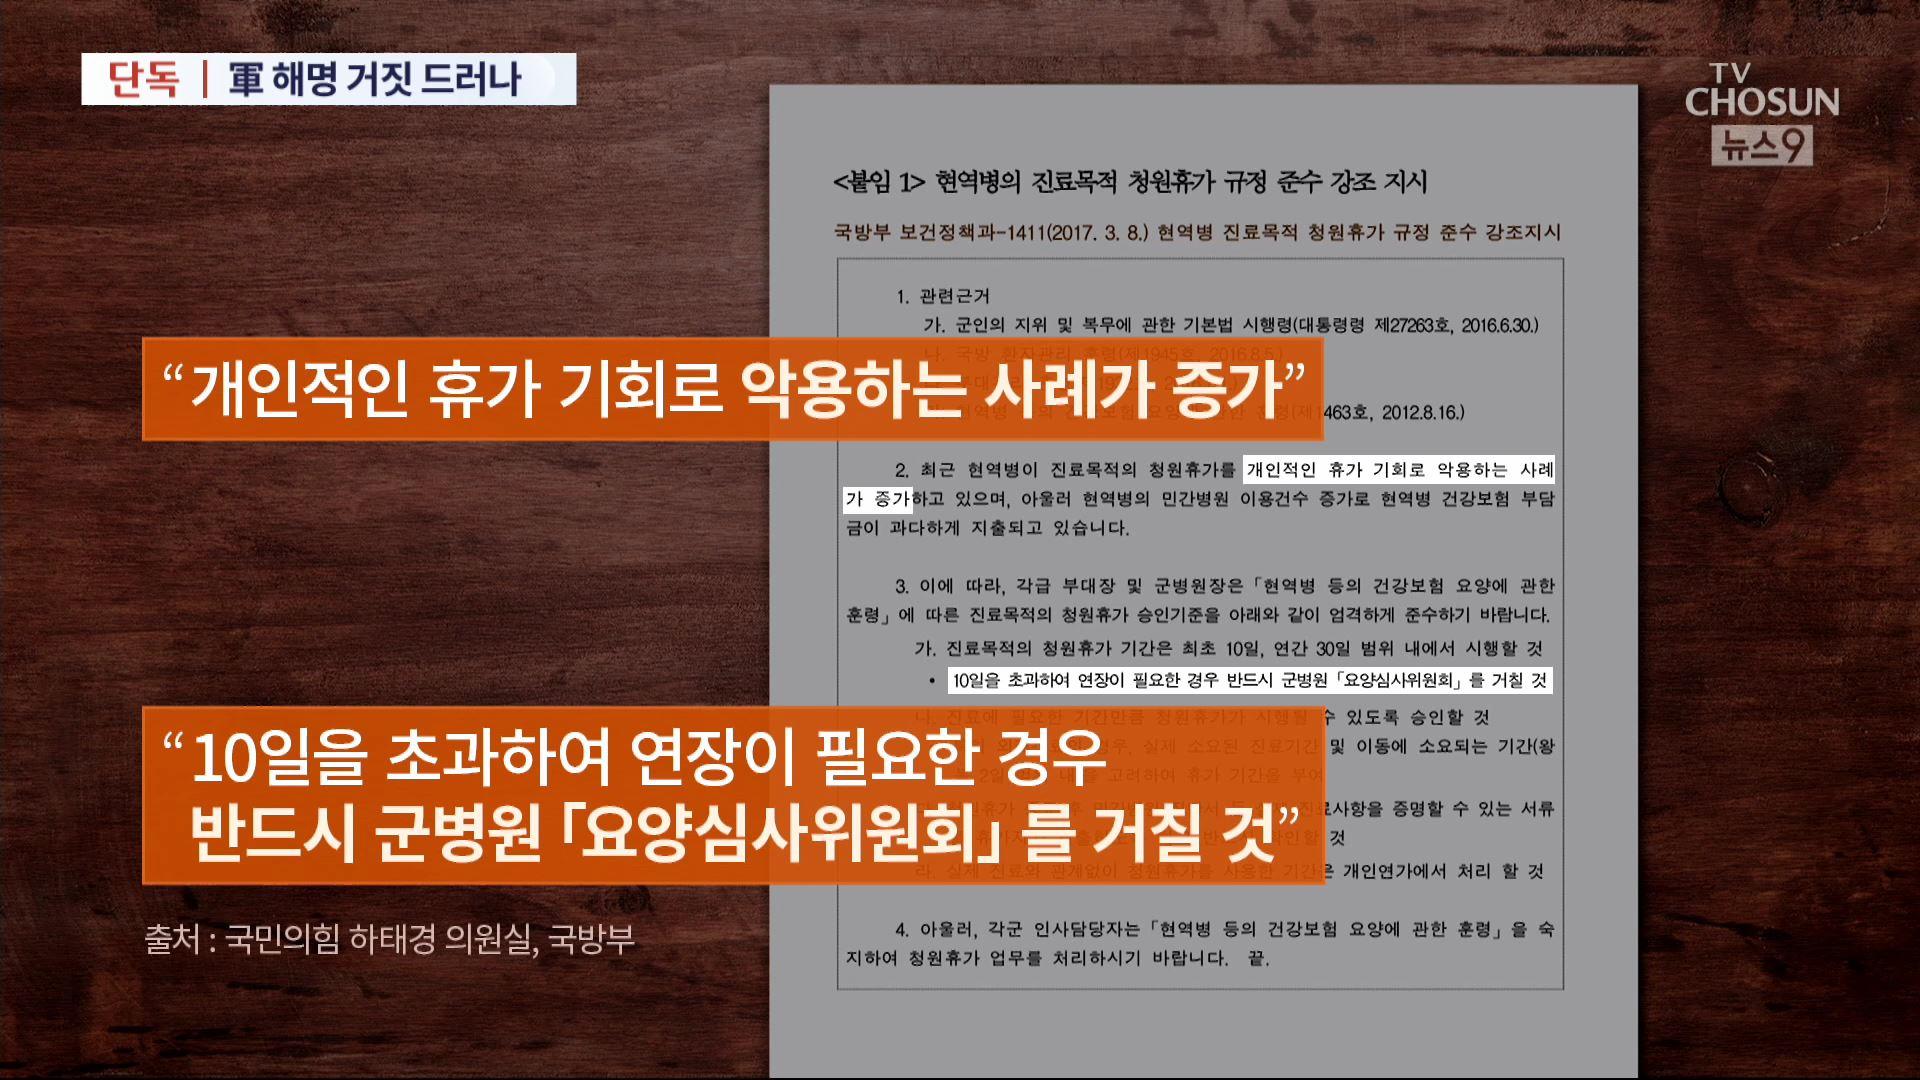 [단독] 秋아들 병가 석달전, 국방부 '10일 넘을때 심의 받아라' 지침